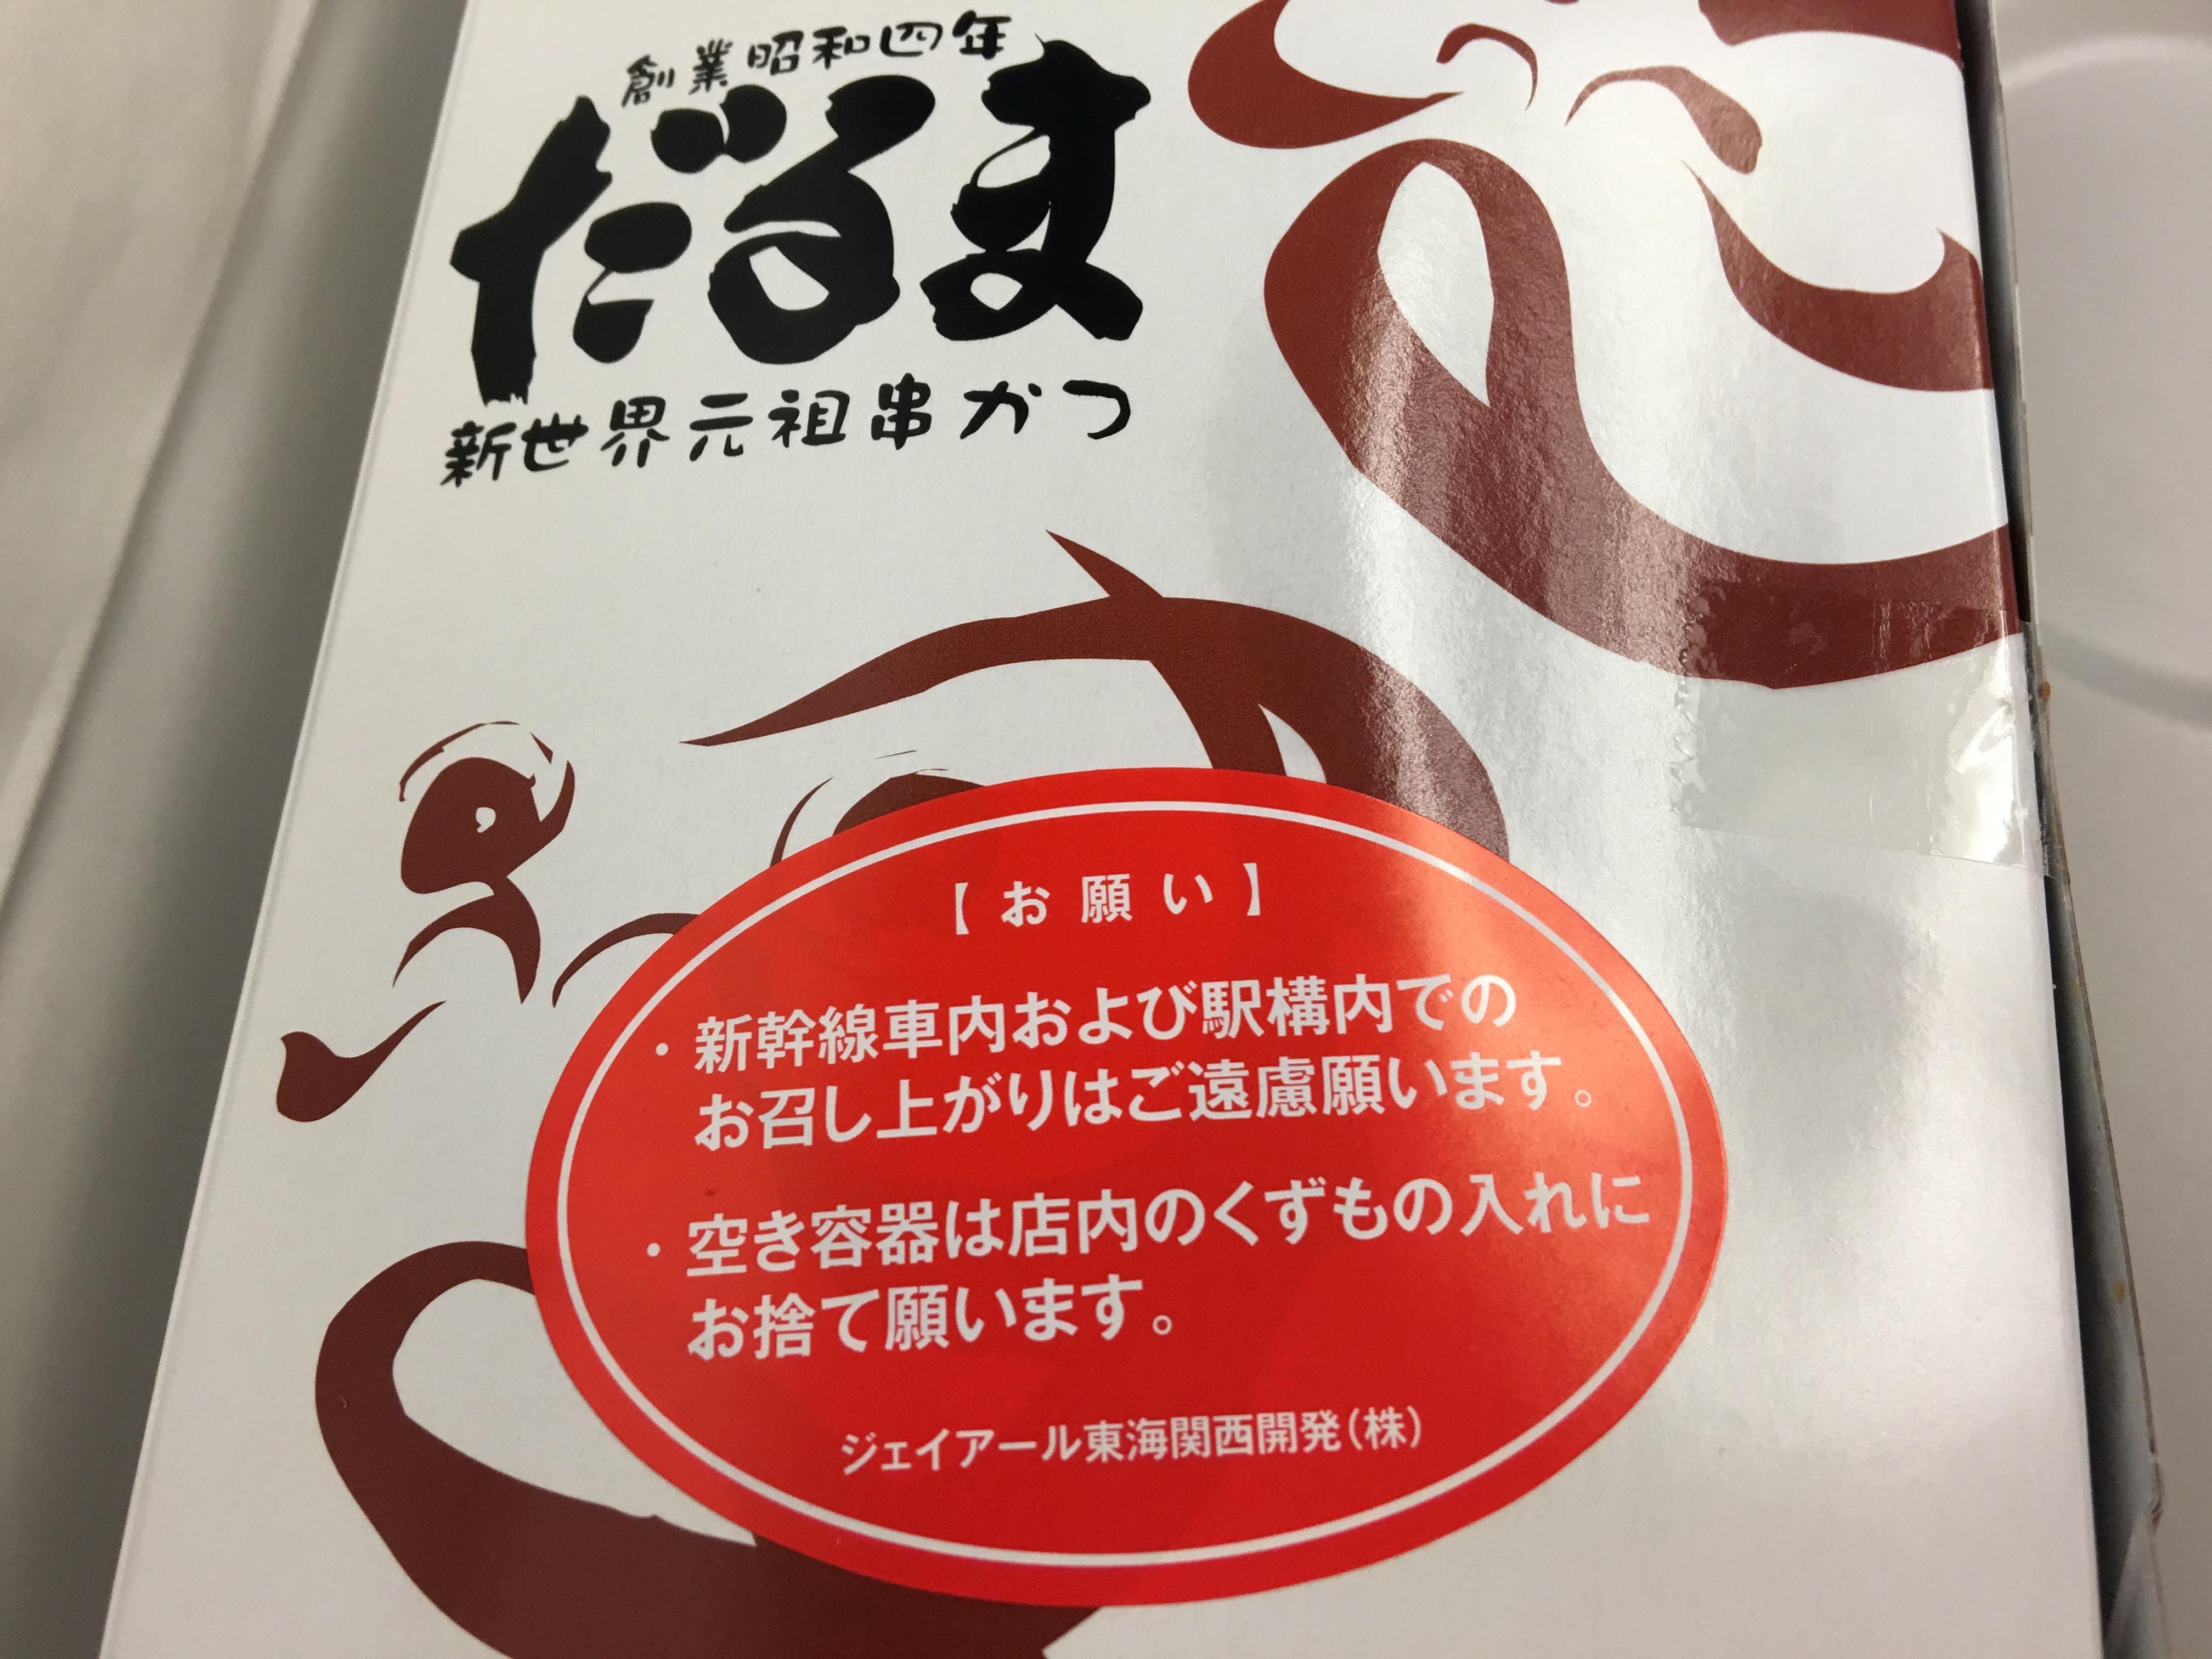 串かつだるま新幹線では禁止